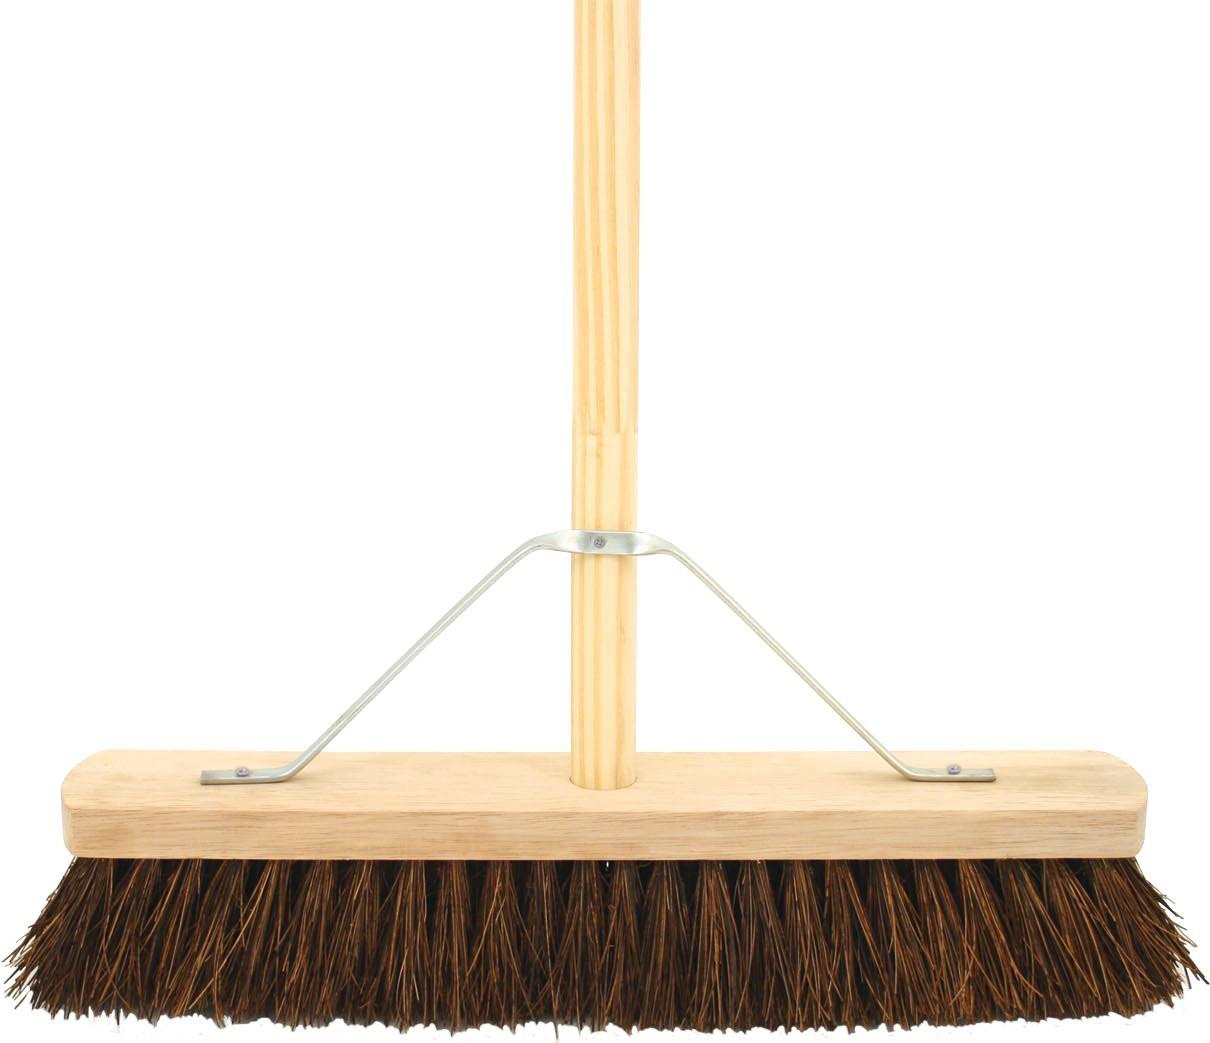 Wooden Broom Complete Stiff 18